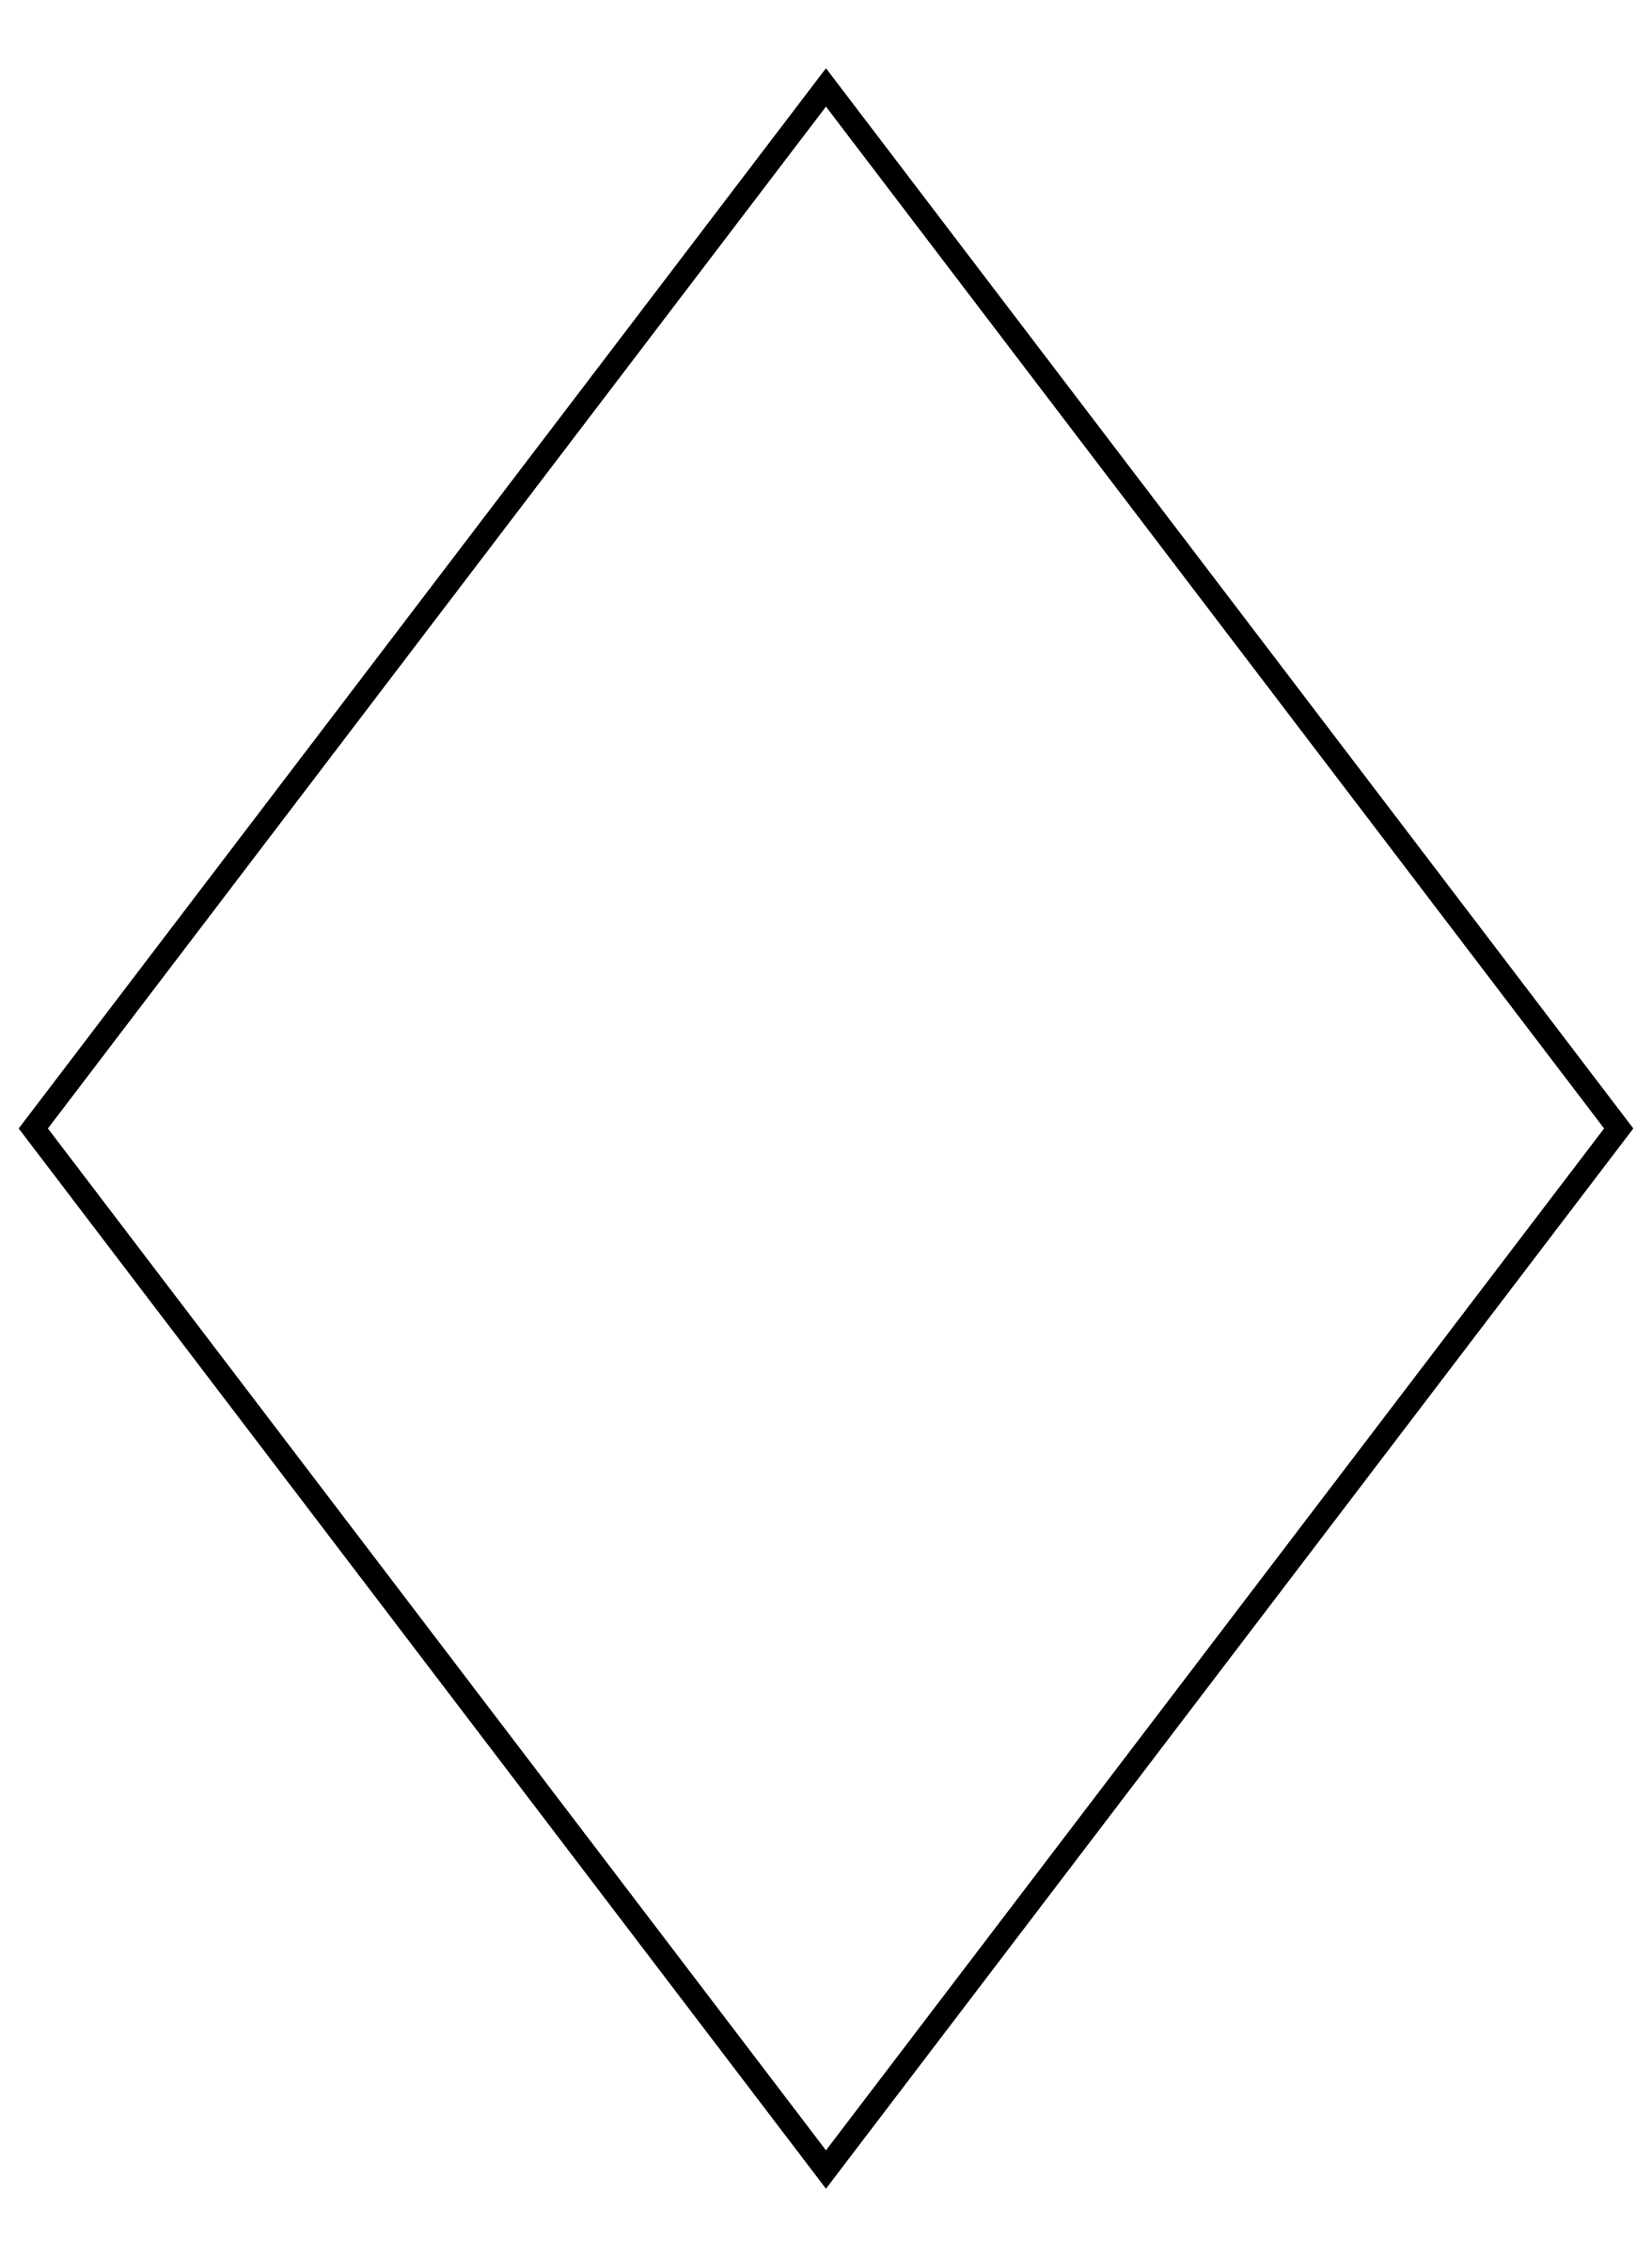 Square clipart clip art. Rhombus diamond shape transprent